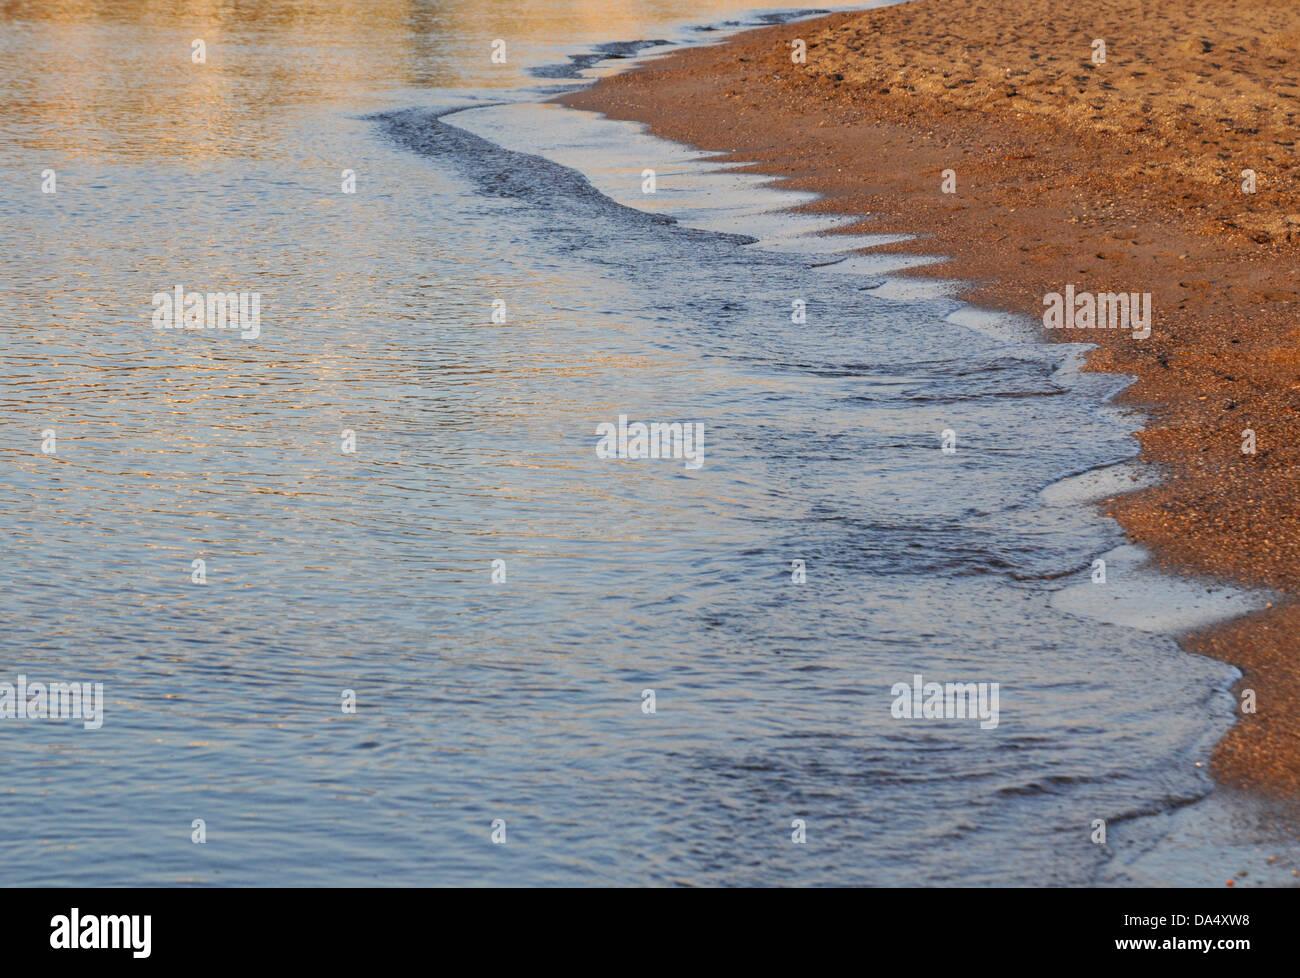 Spiaggia, estate, sfondi, Vettore, sabbia, testurizzati, Immagini Stock